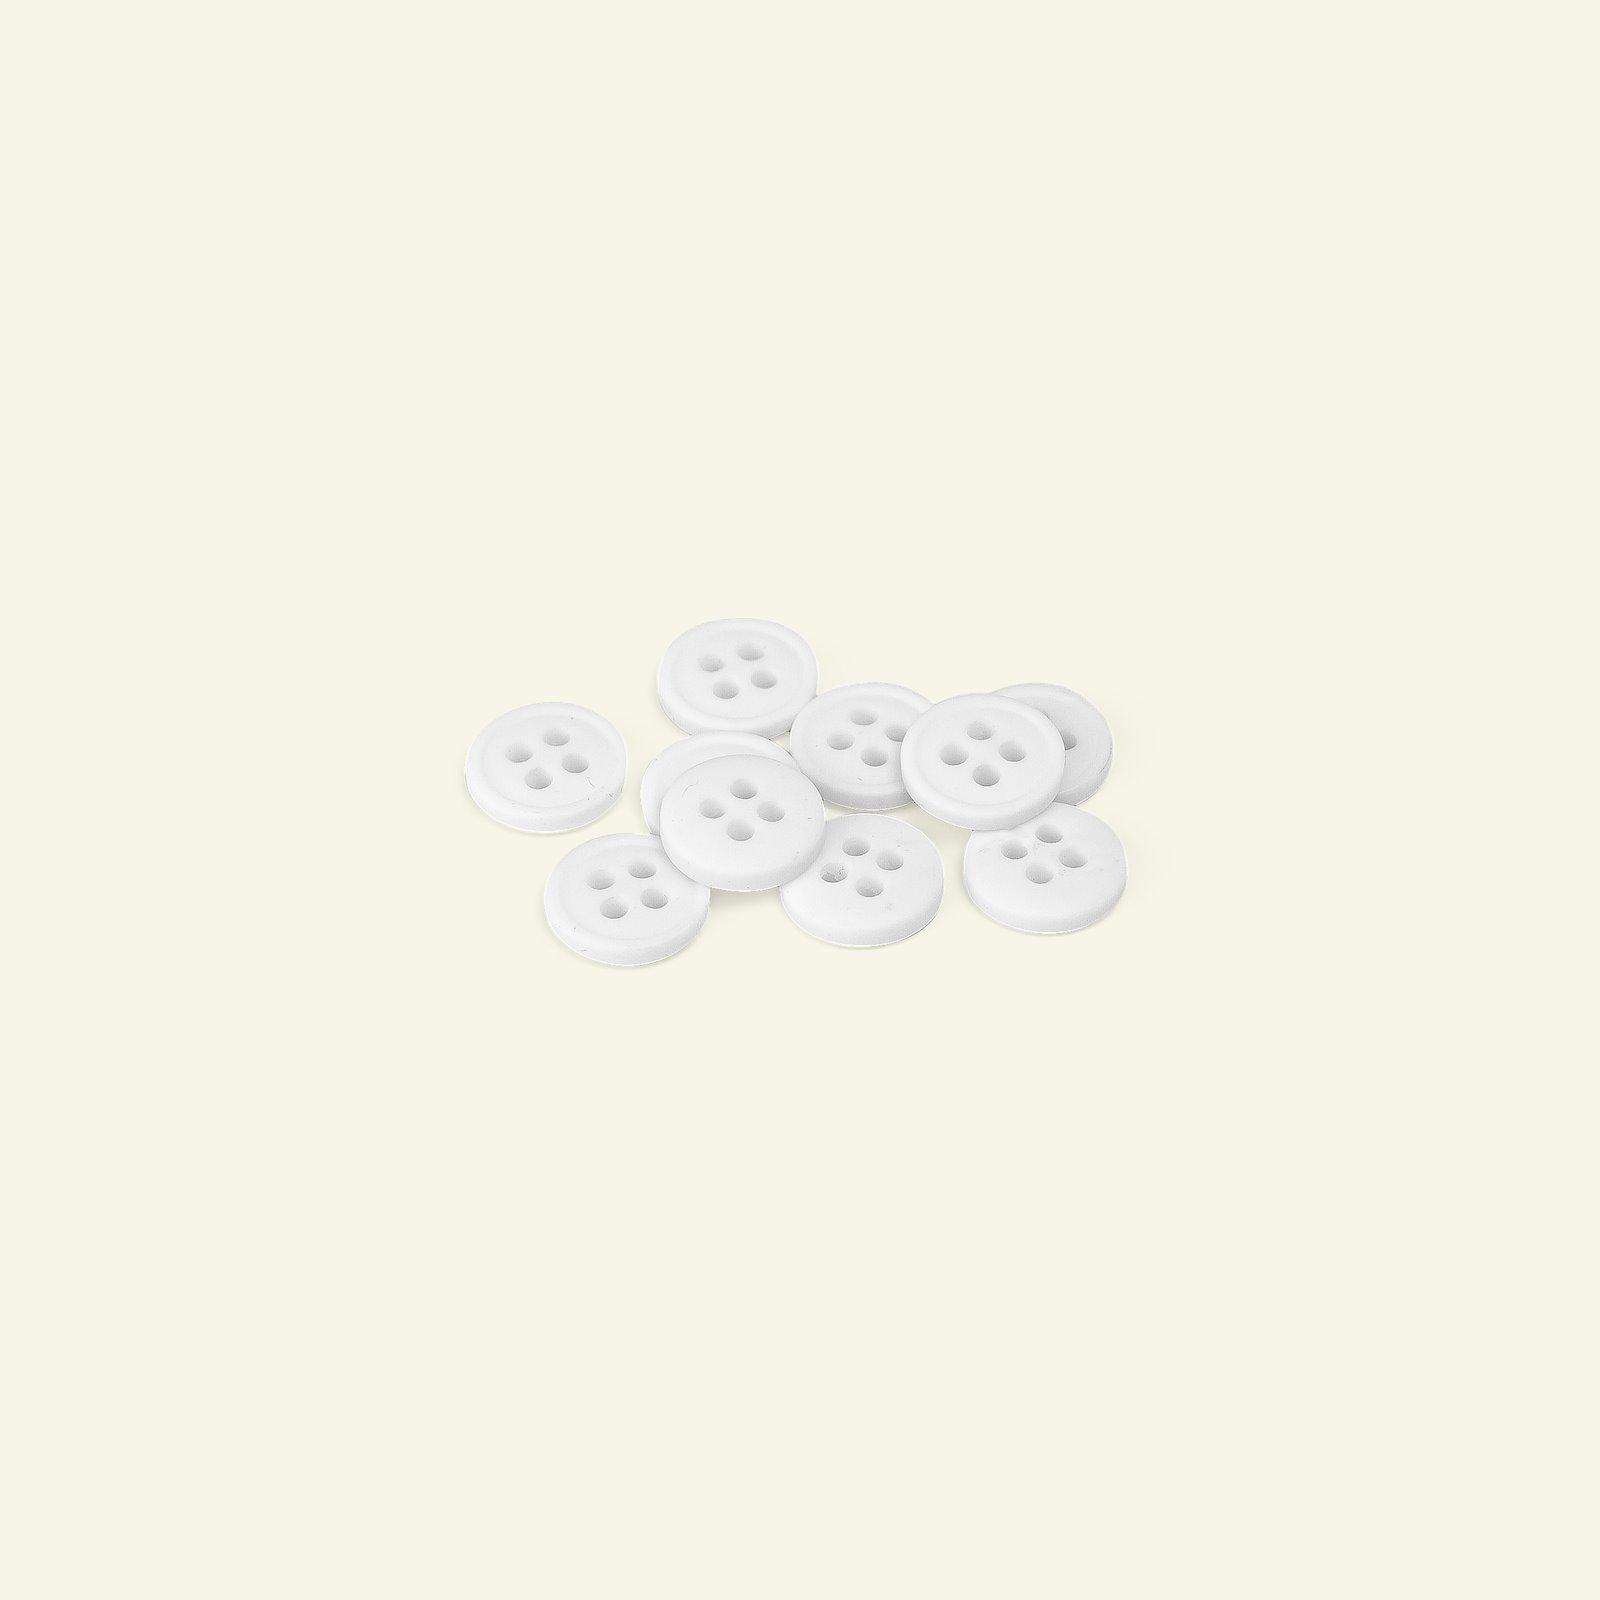 Button 4-holes w/rim 11mm white 10pcs 33447_pack